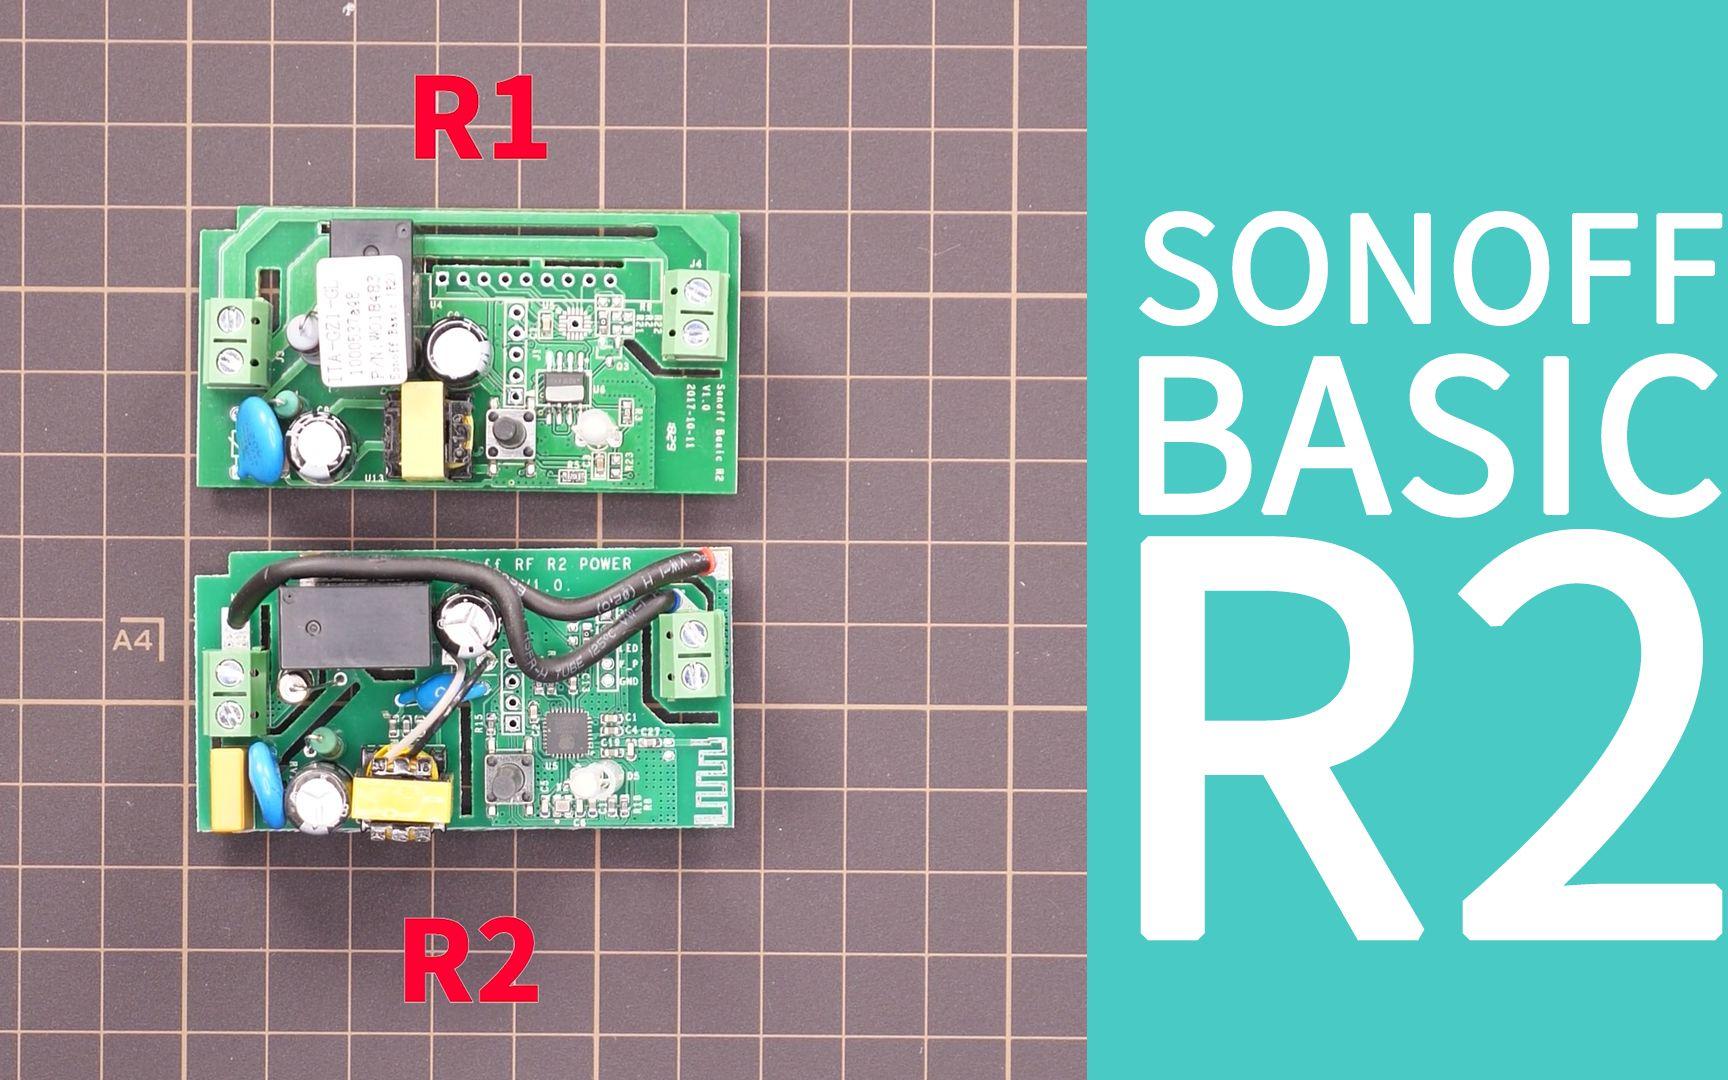 Sonoff Basic Rf R2